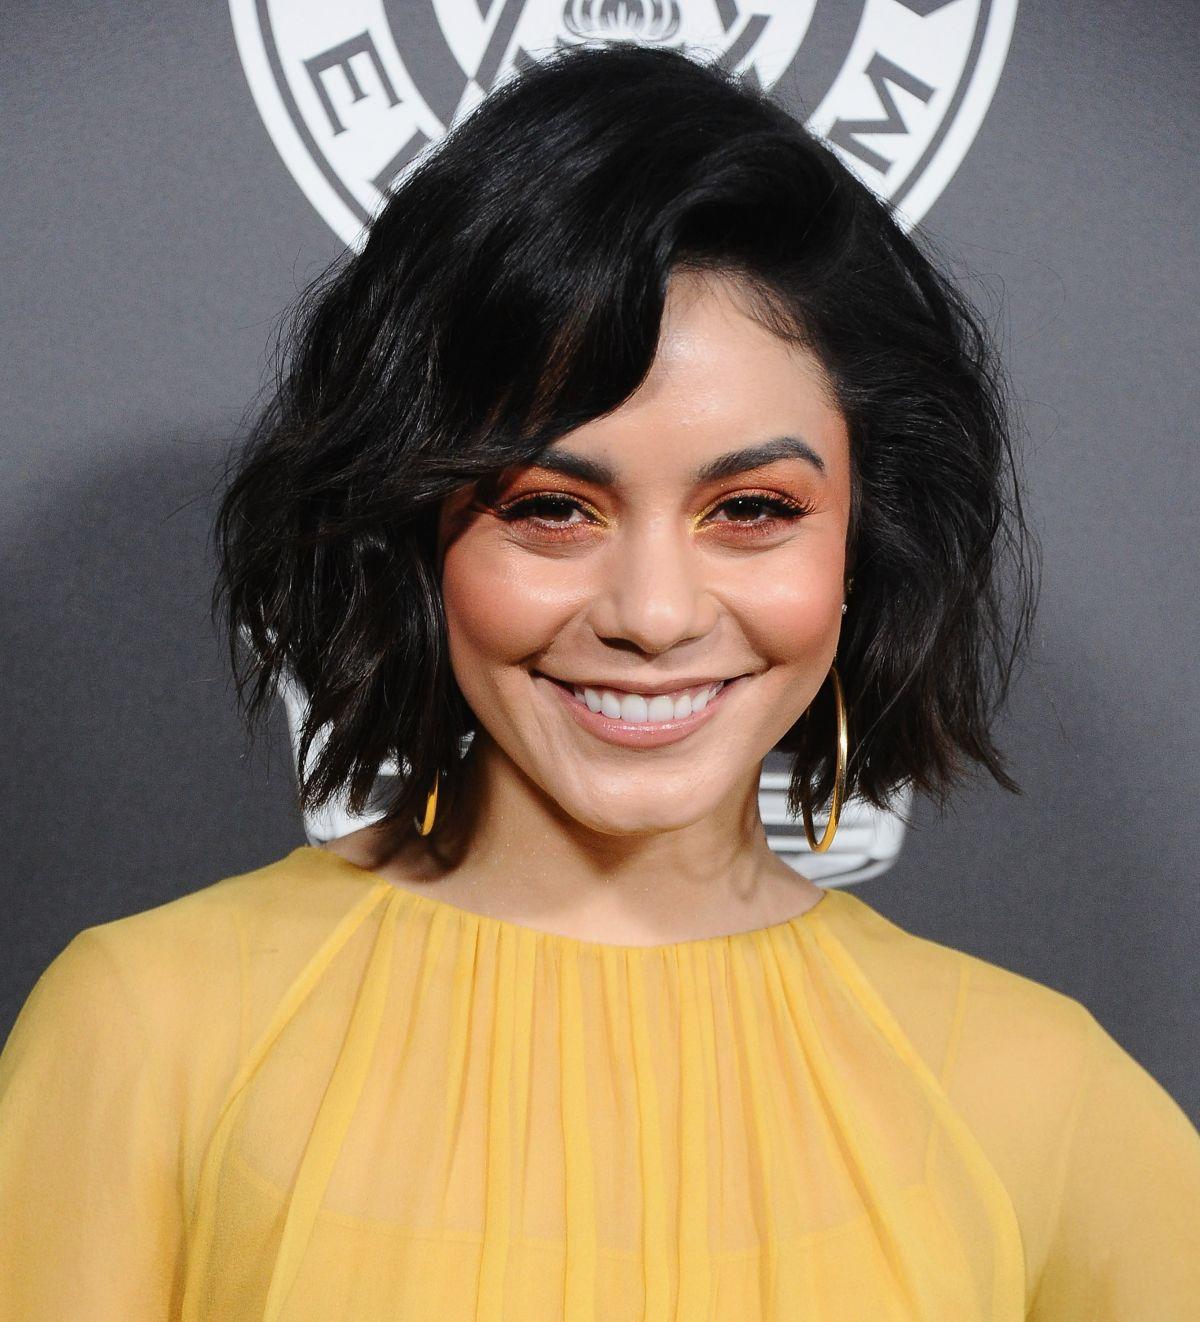 Vanessa hudgens 2018 hair